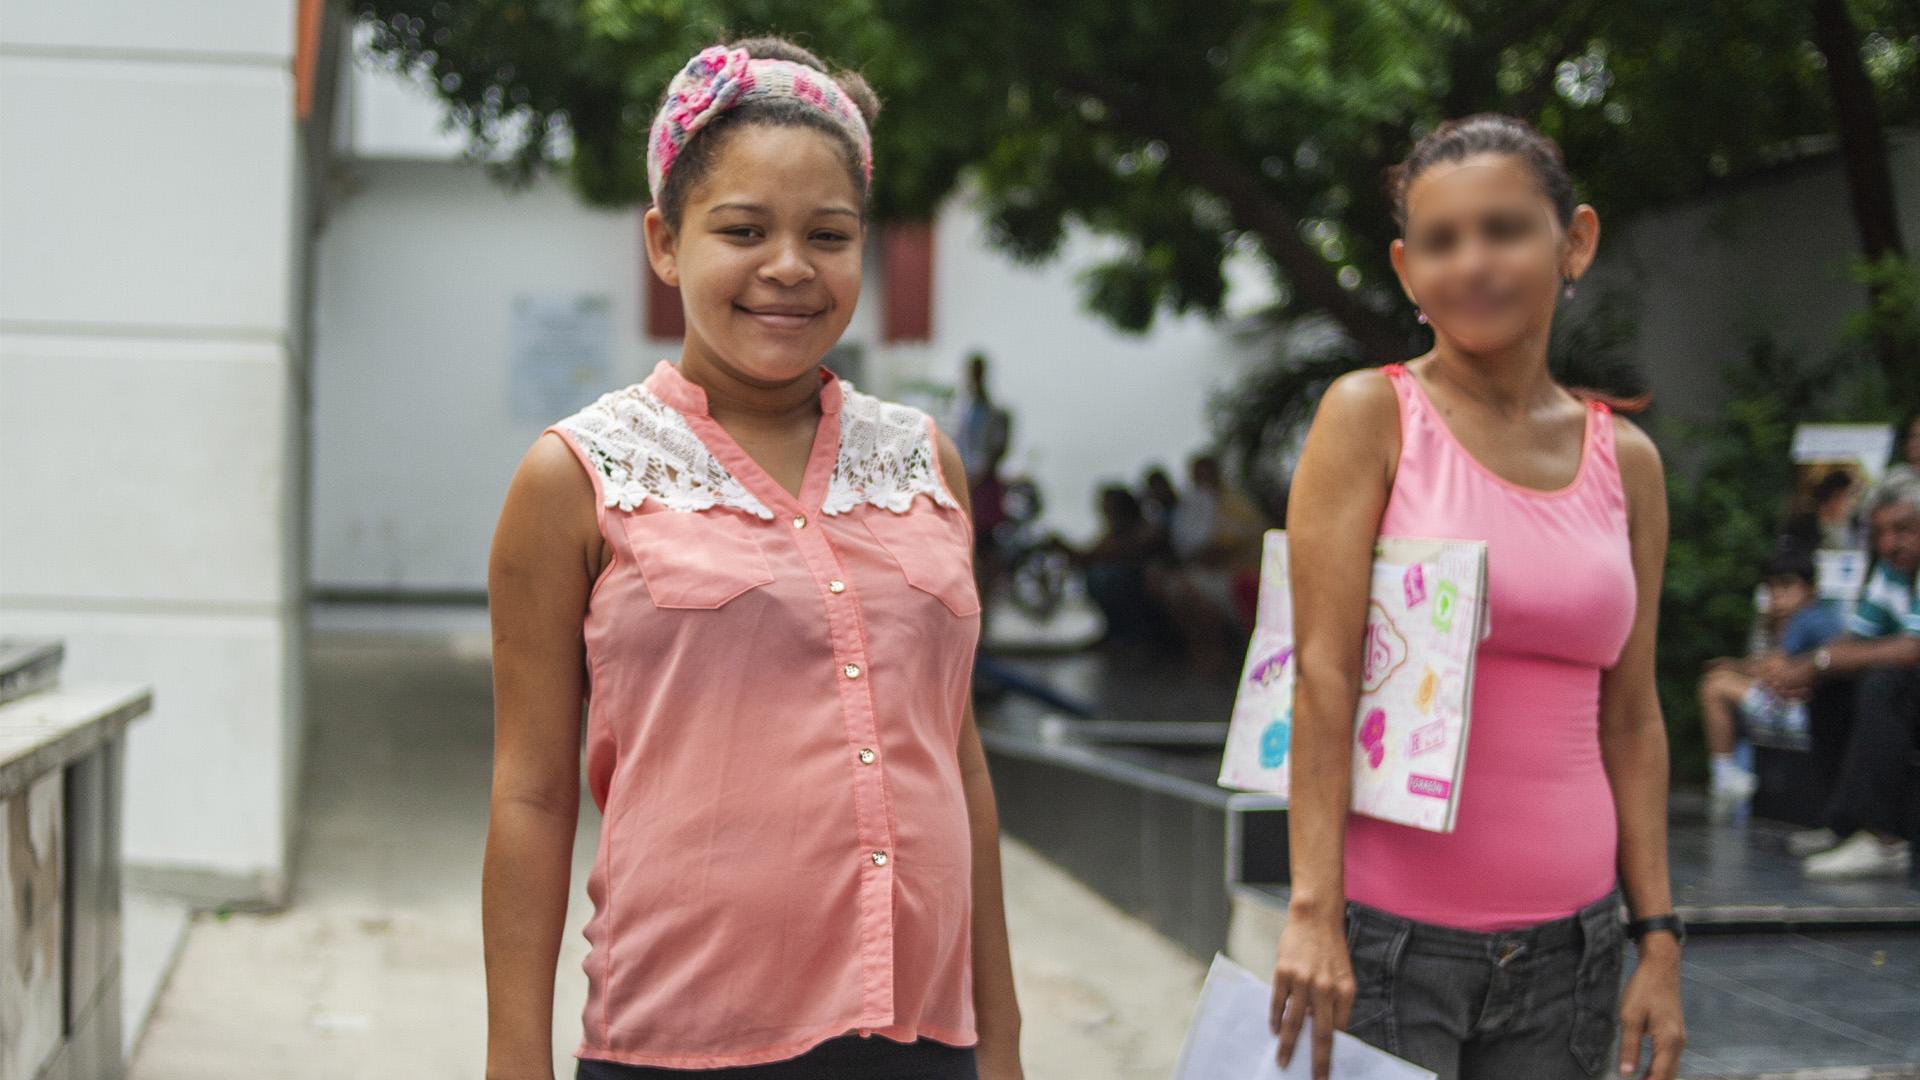 Venezuela un estado fallido ? - Página 33 Embarazada_2